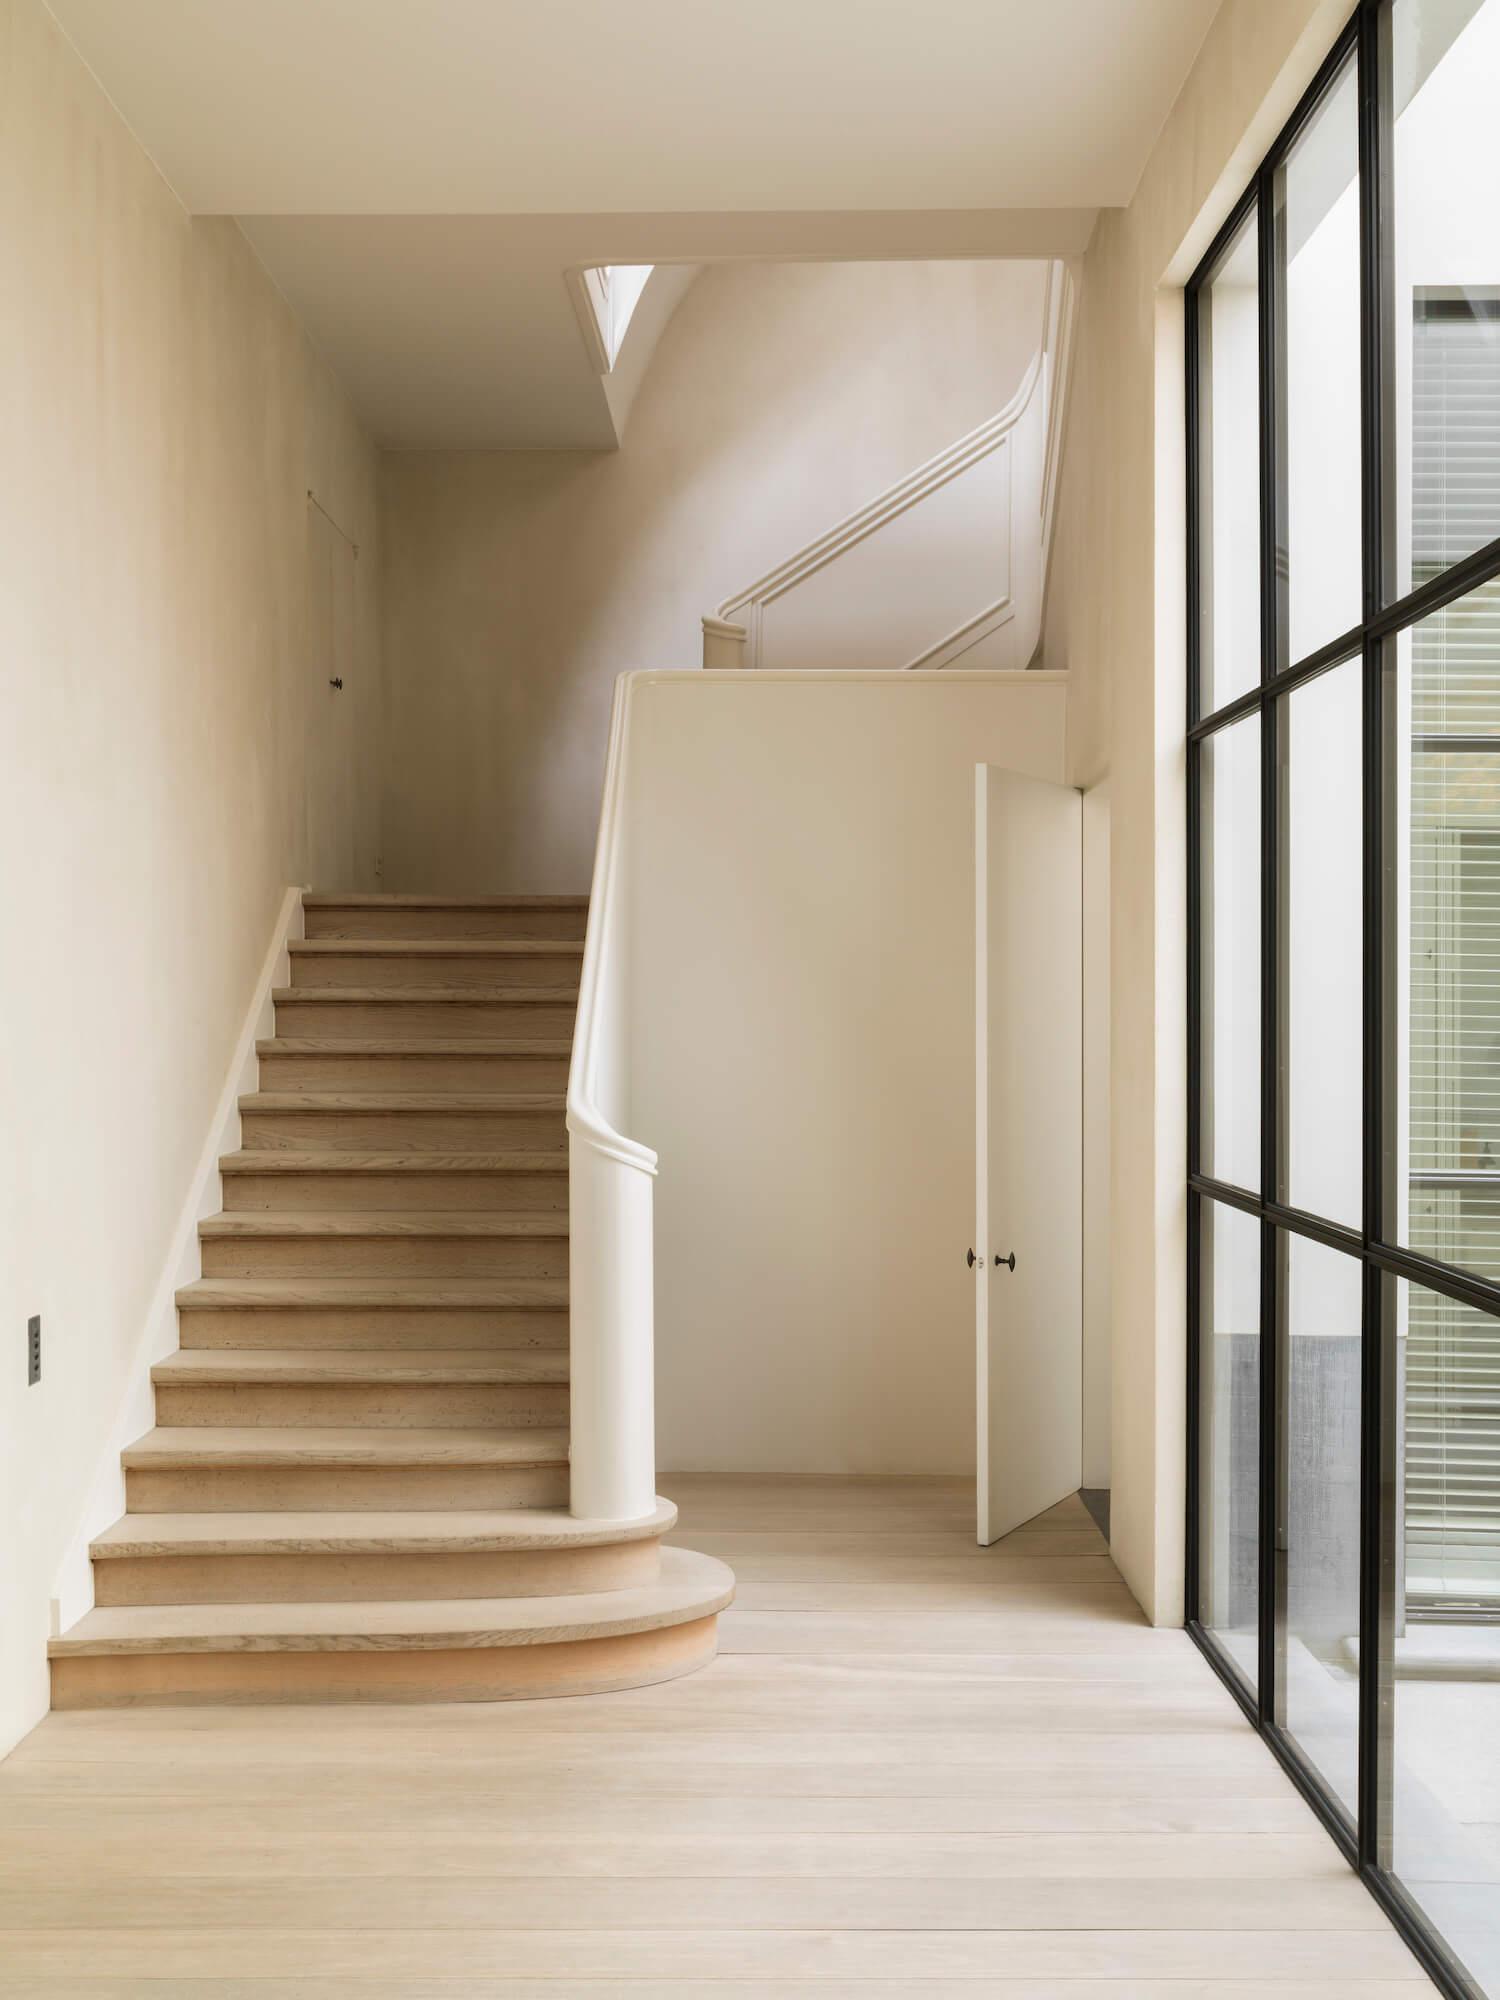 est living vincent van duysen interview VVDII residence 1